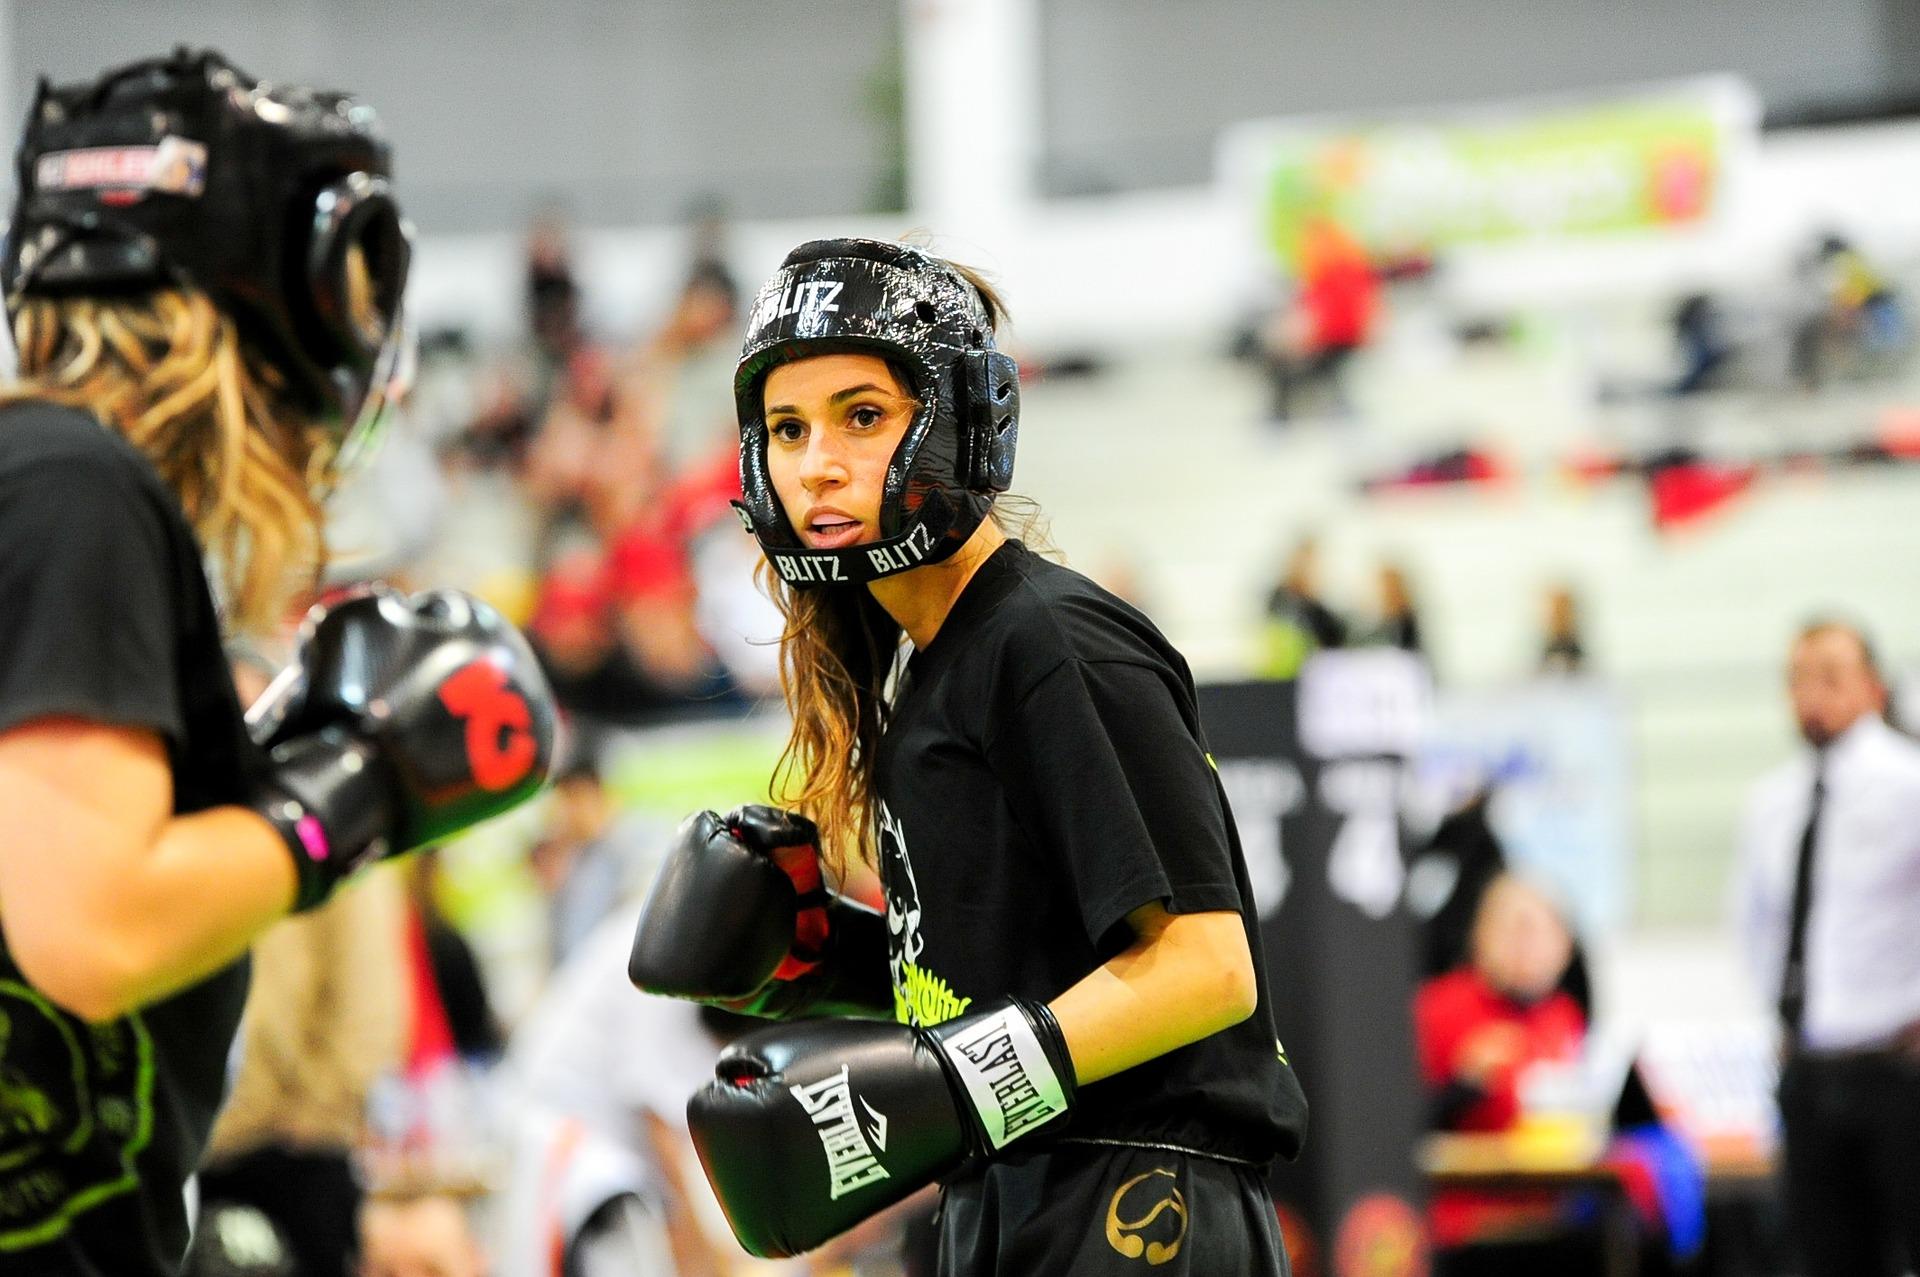 Imagem mostra duas mulheres praticando um esporte de combate.